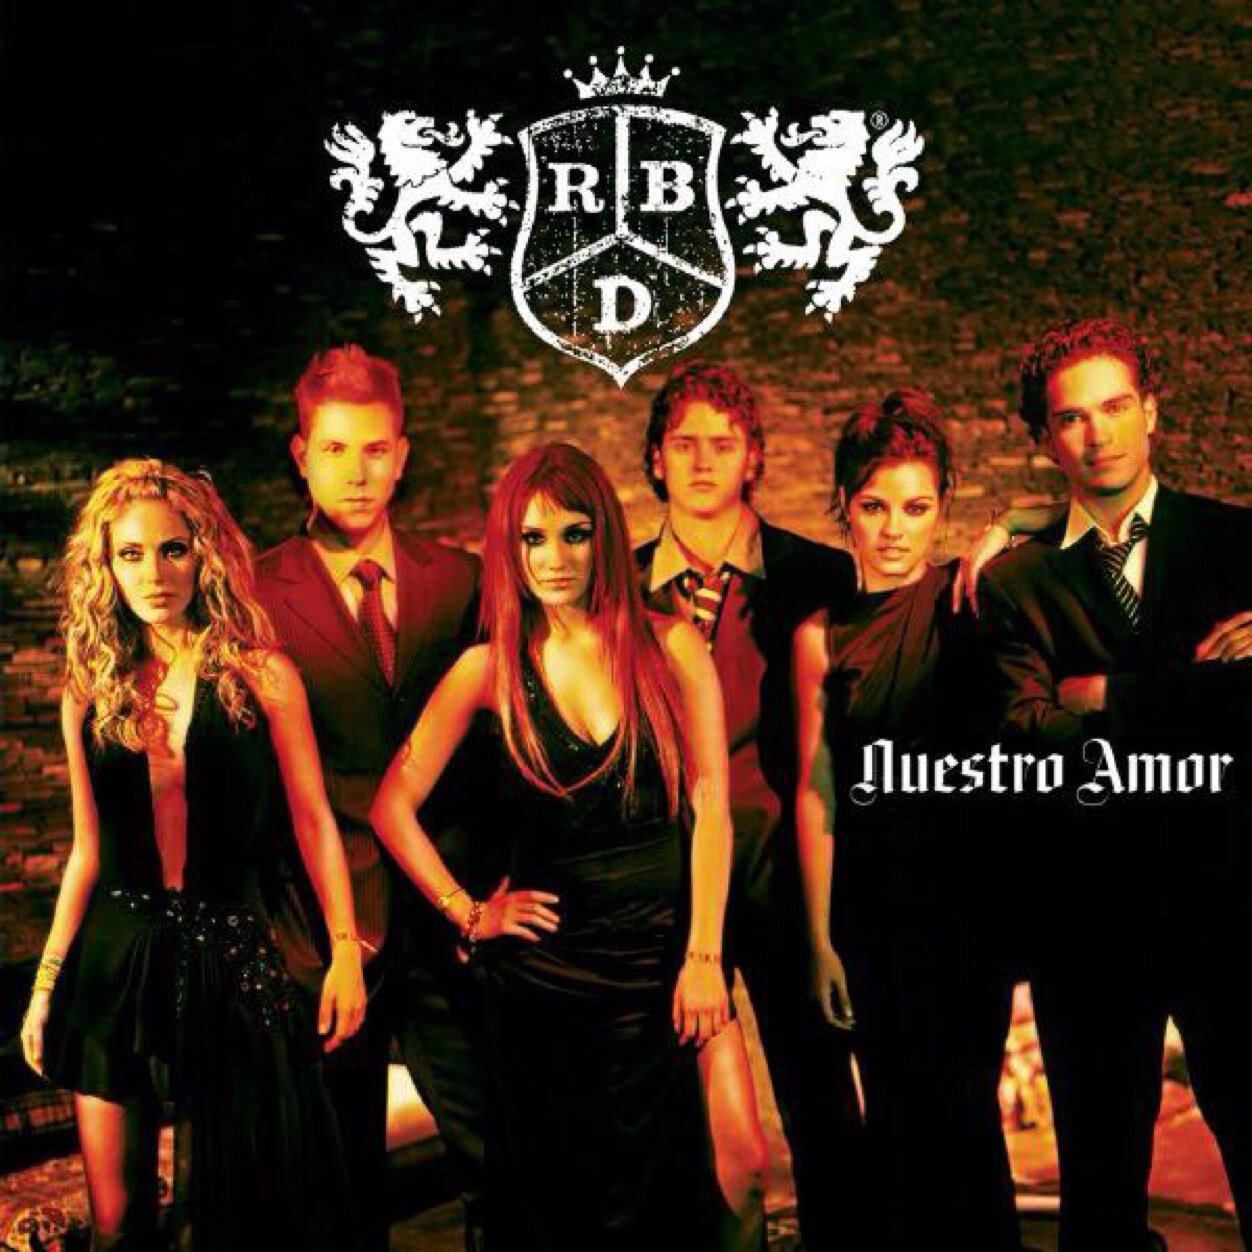 BAIXAR CD RBD 2006